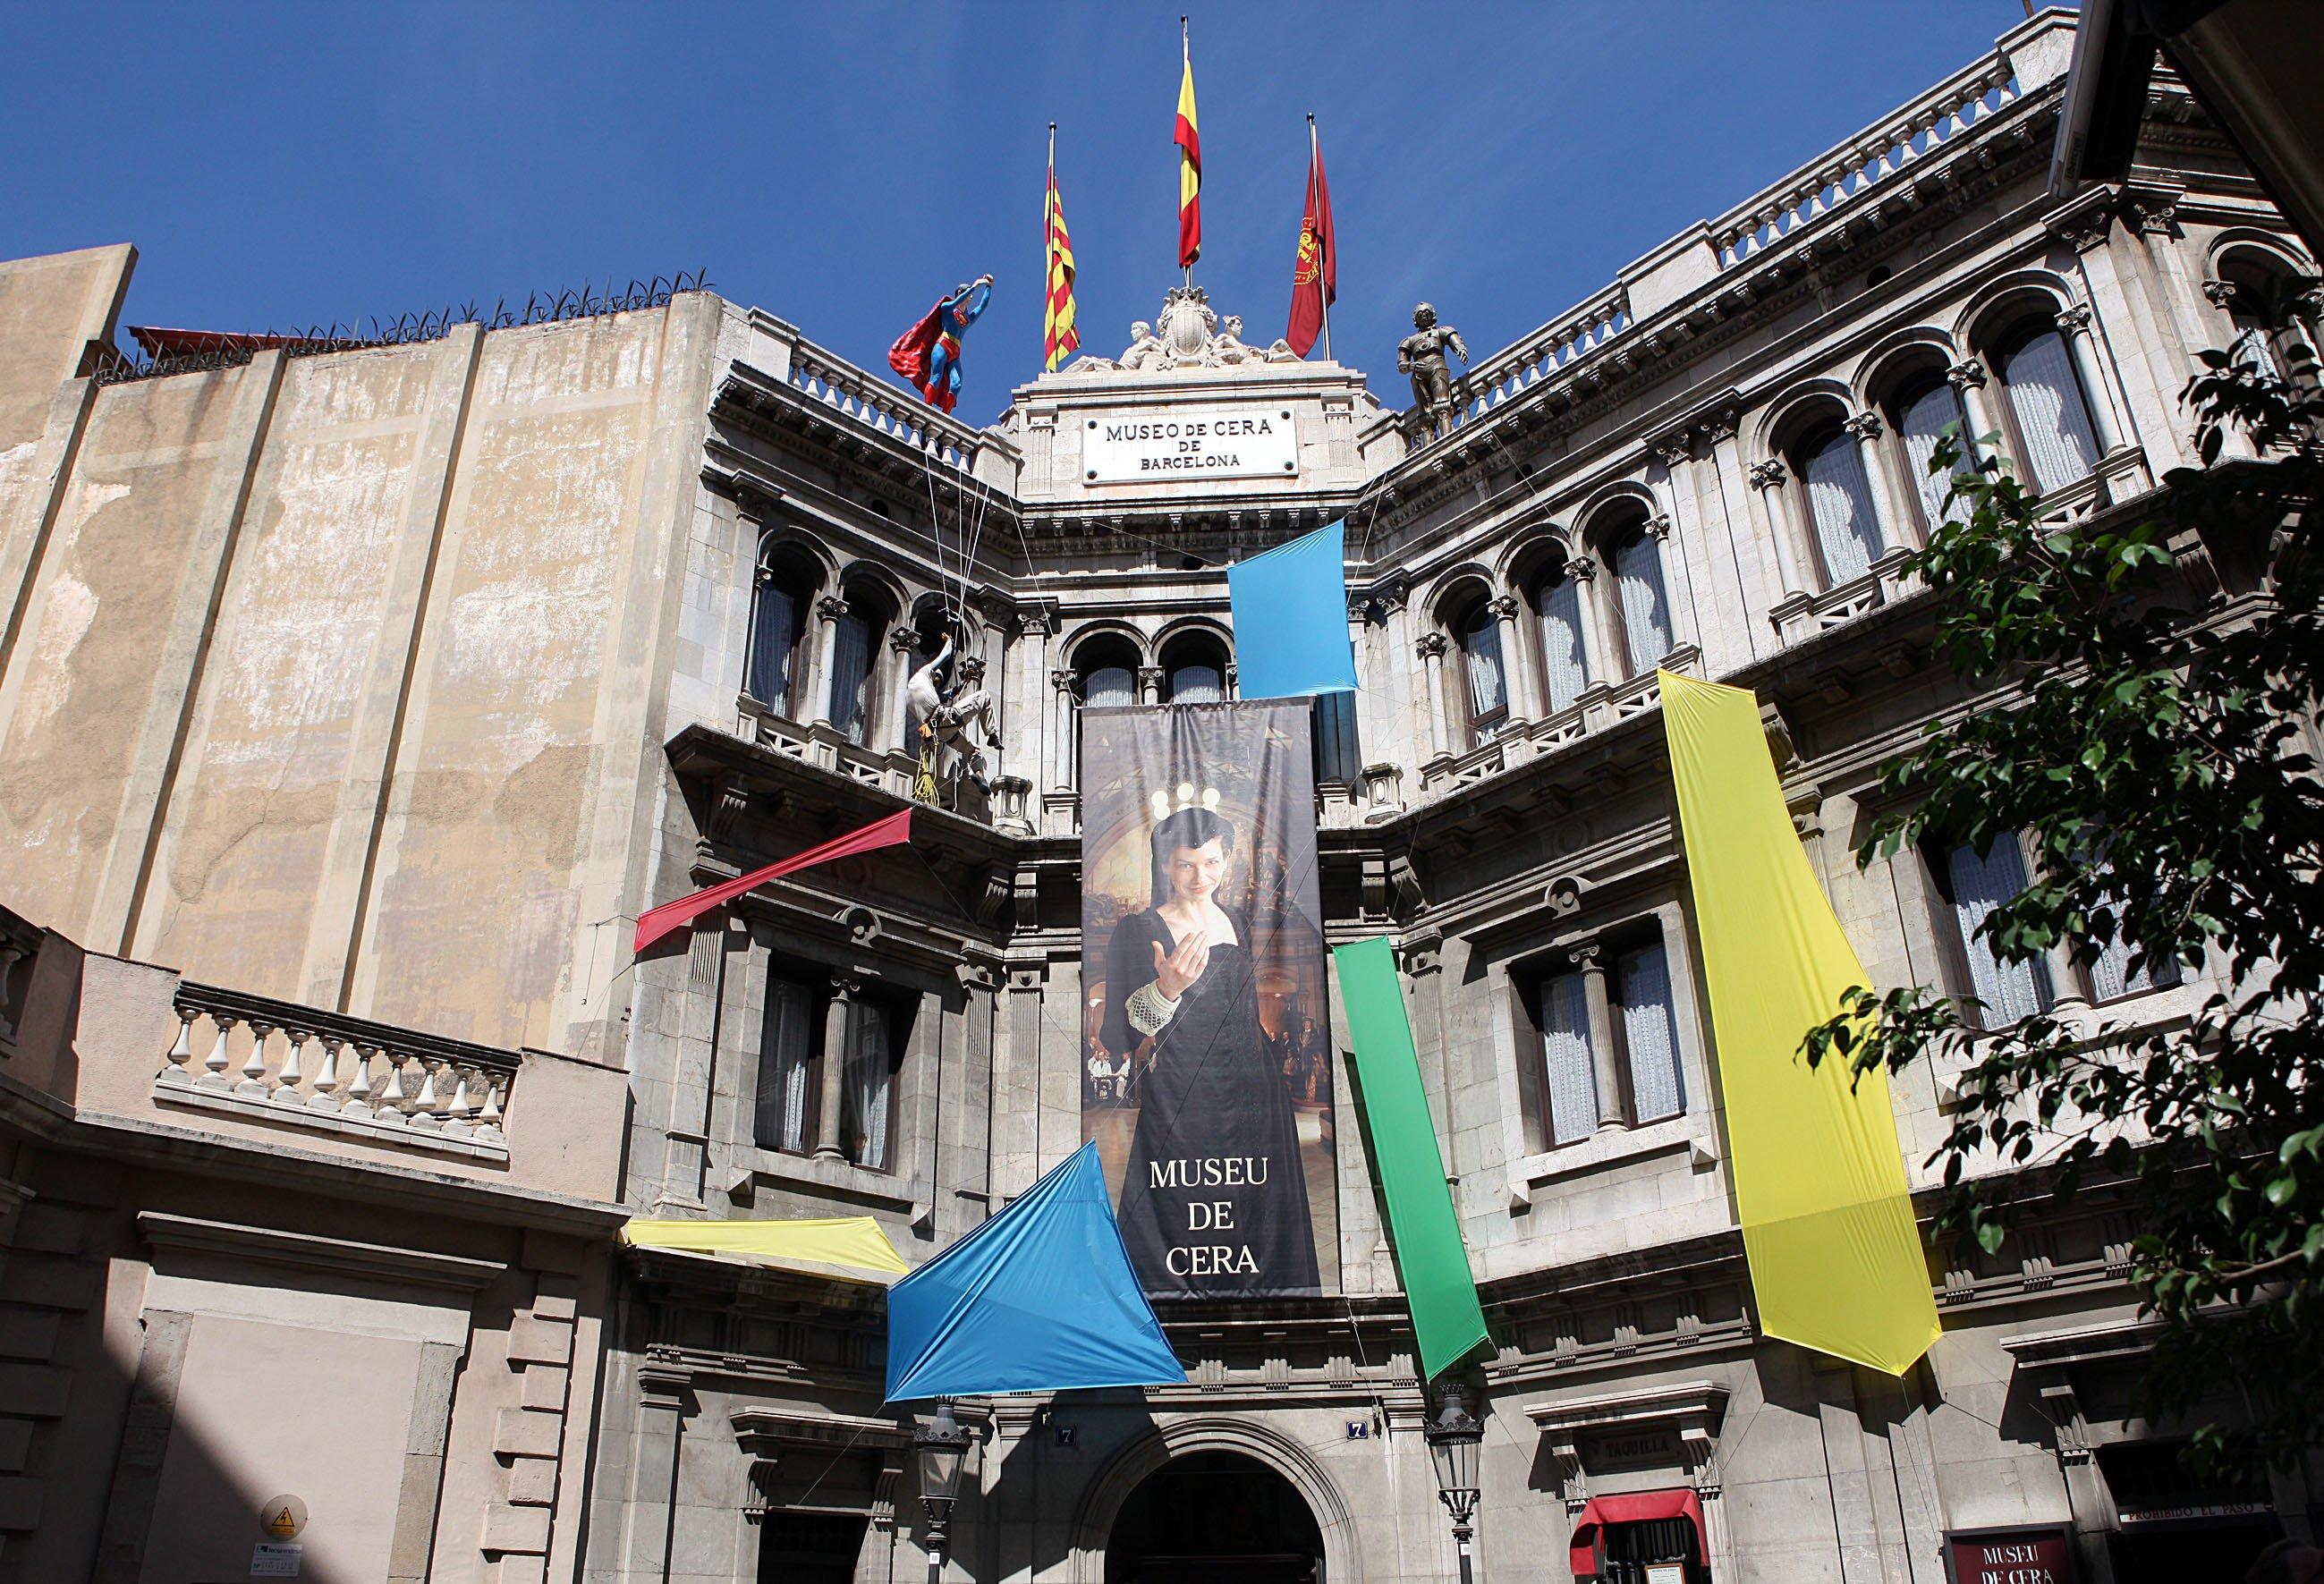 museu de cera barcelona acn